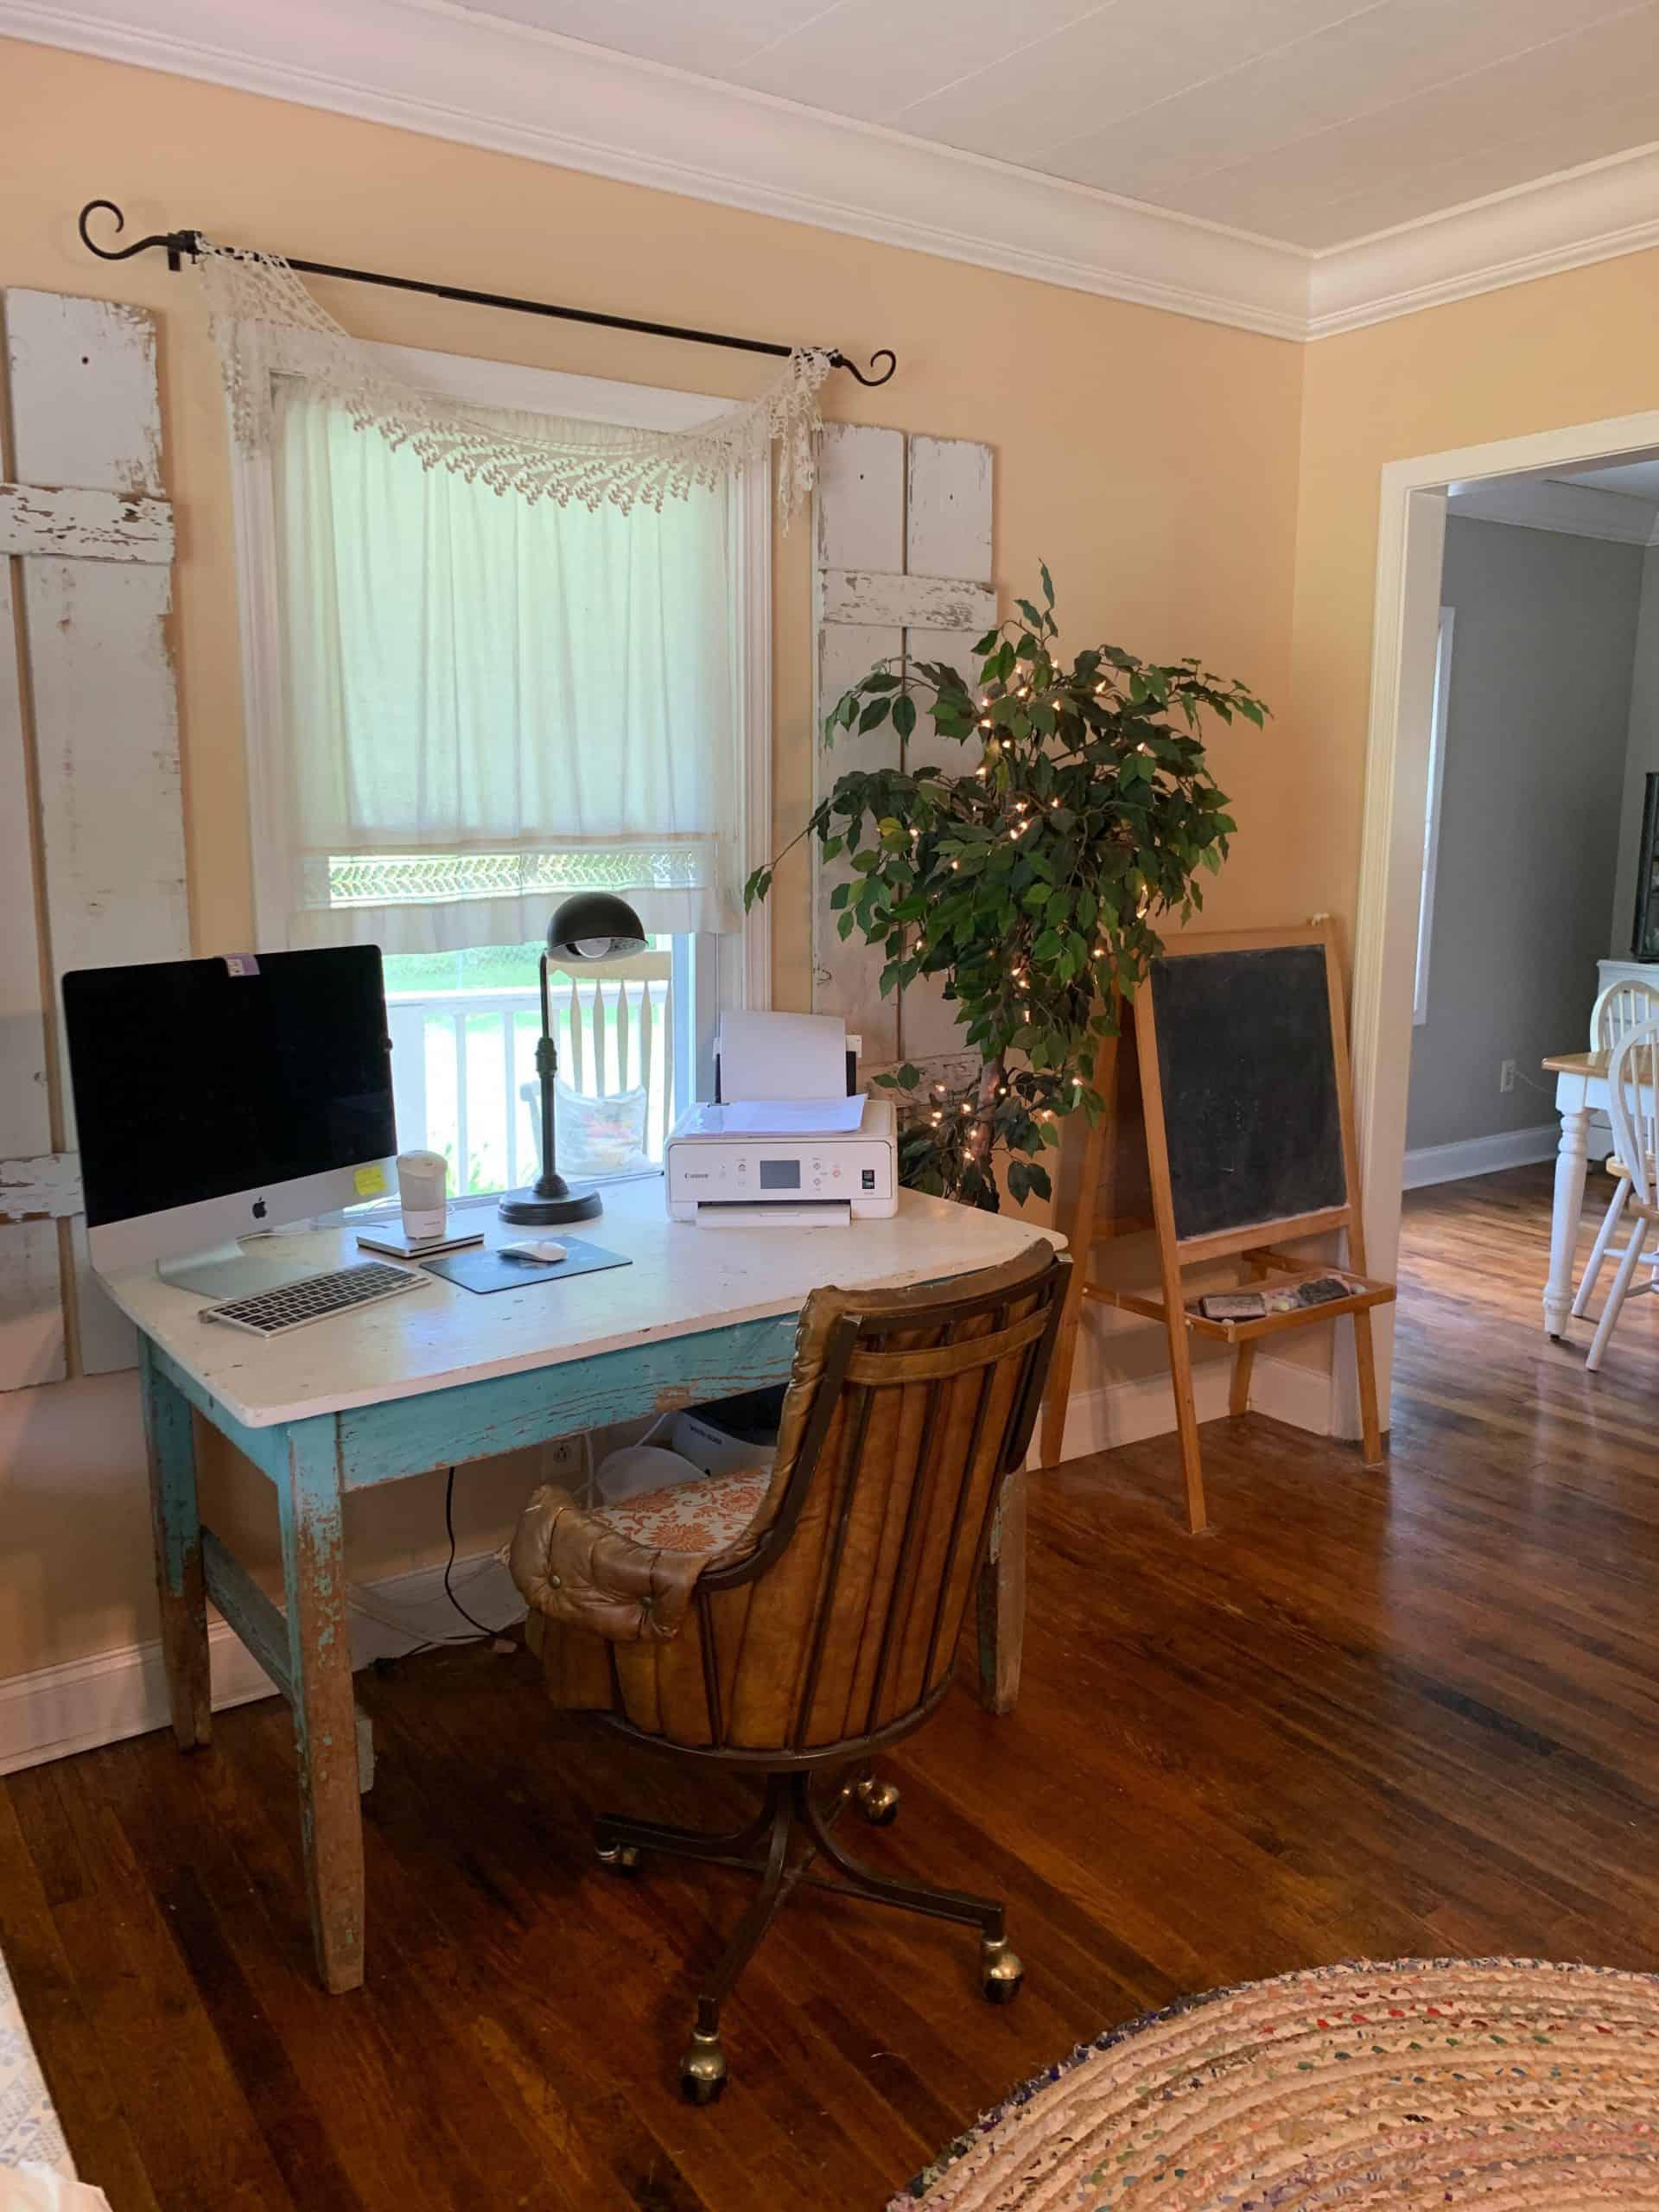 Chelsea's desk